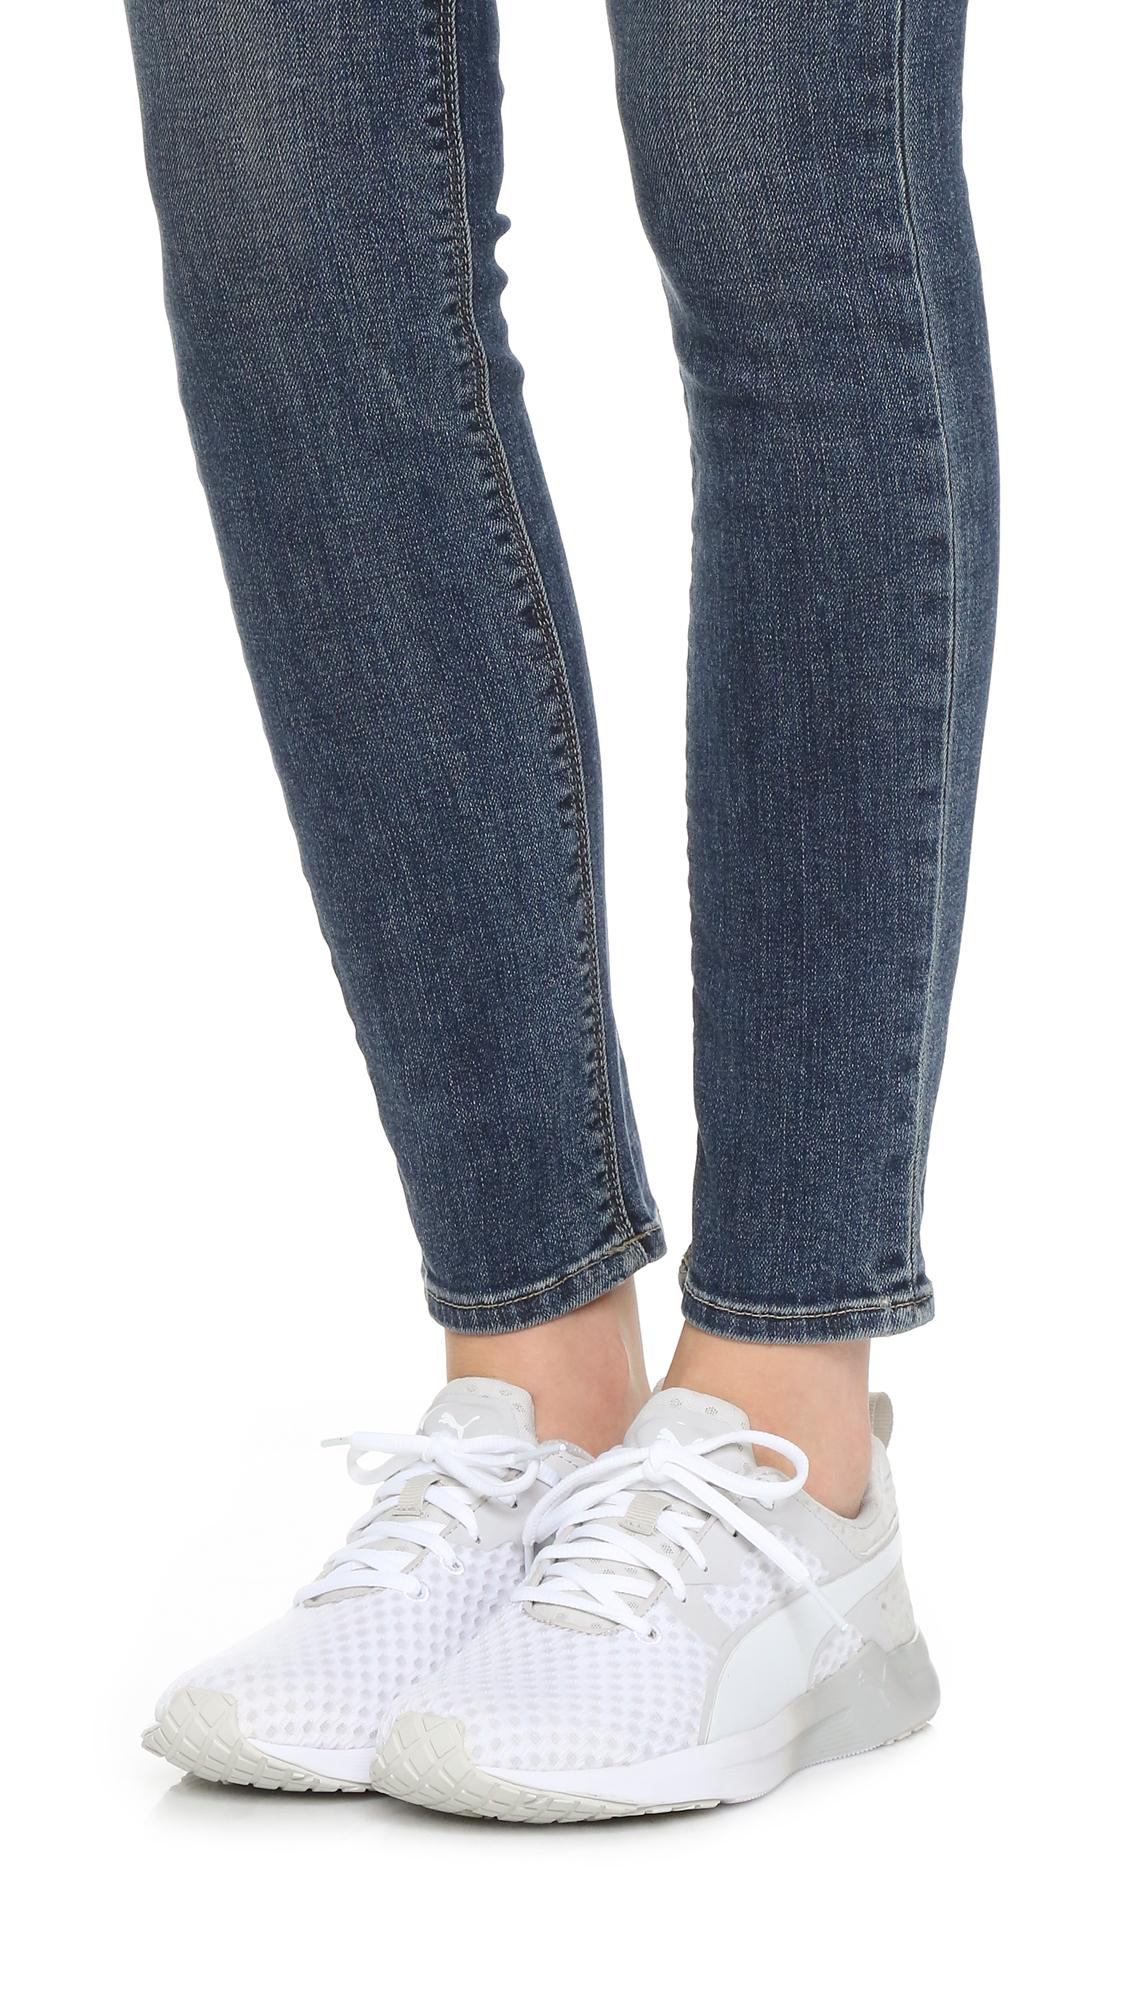 7da9bb0027697d Lyst - PUMA Pulse Xt V2 Core Sneakers in White